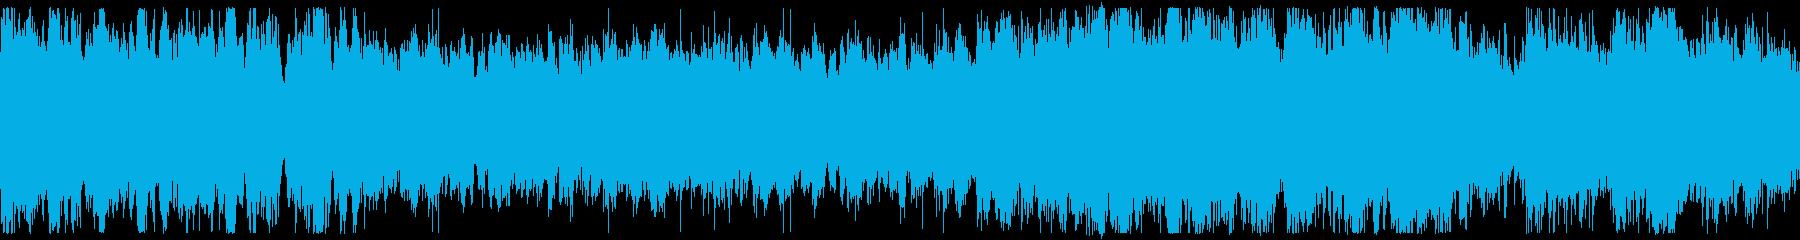 【壮大】チュートリアル、旅立ち風の再生済みの波形